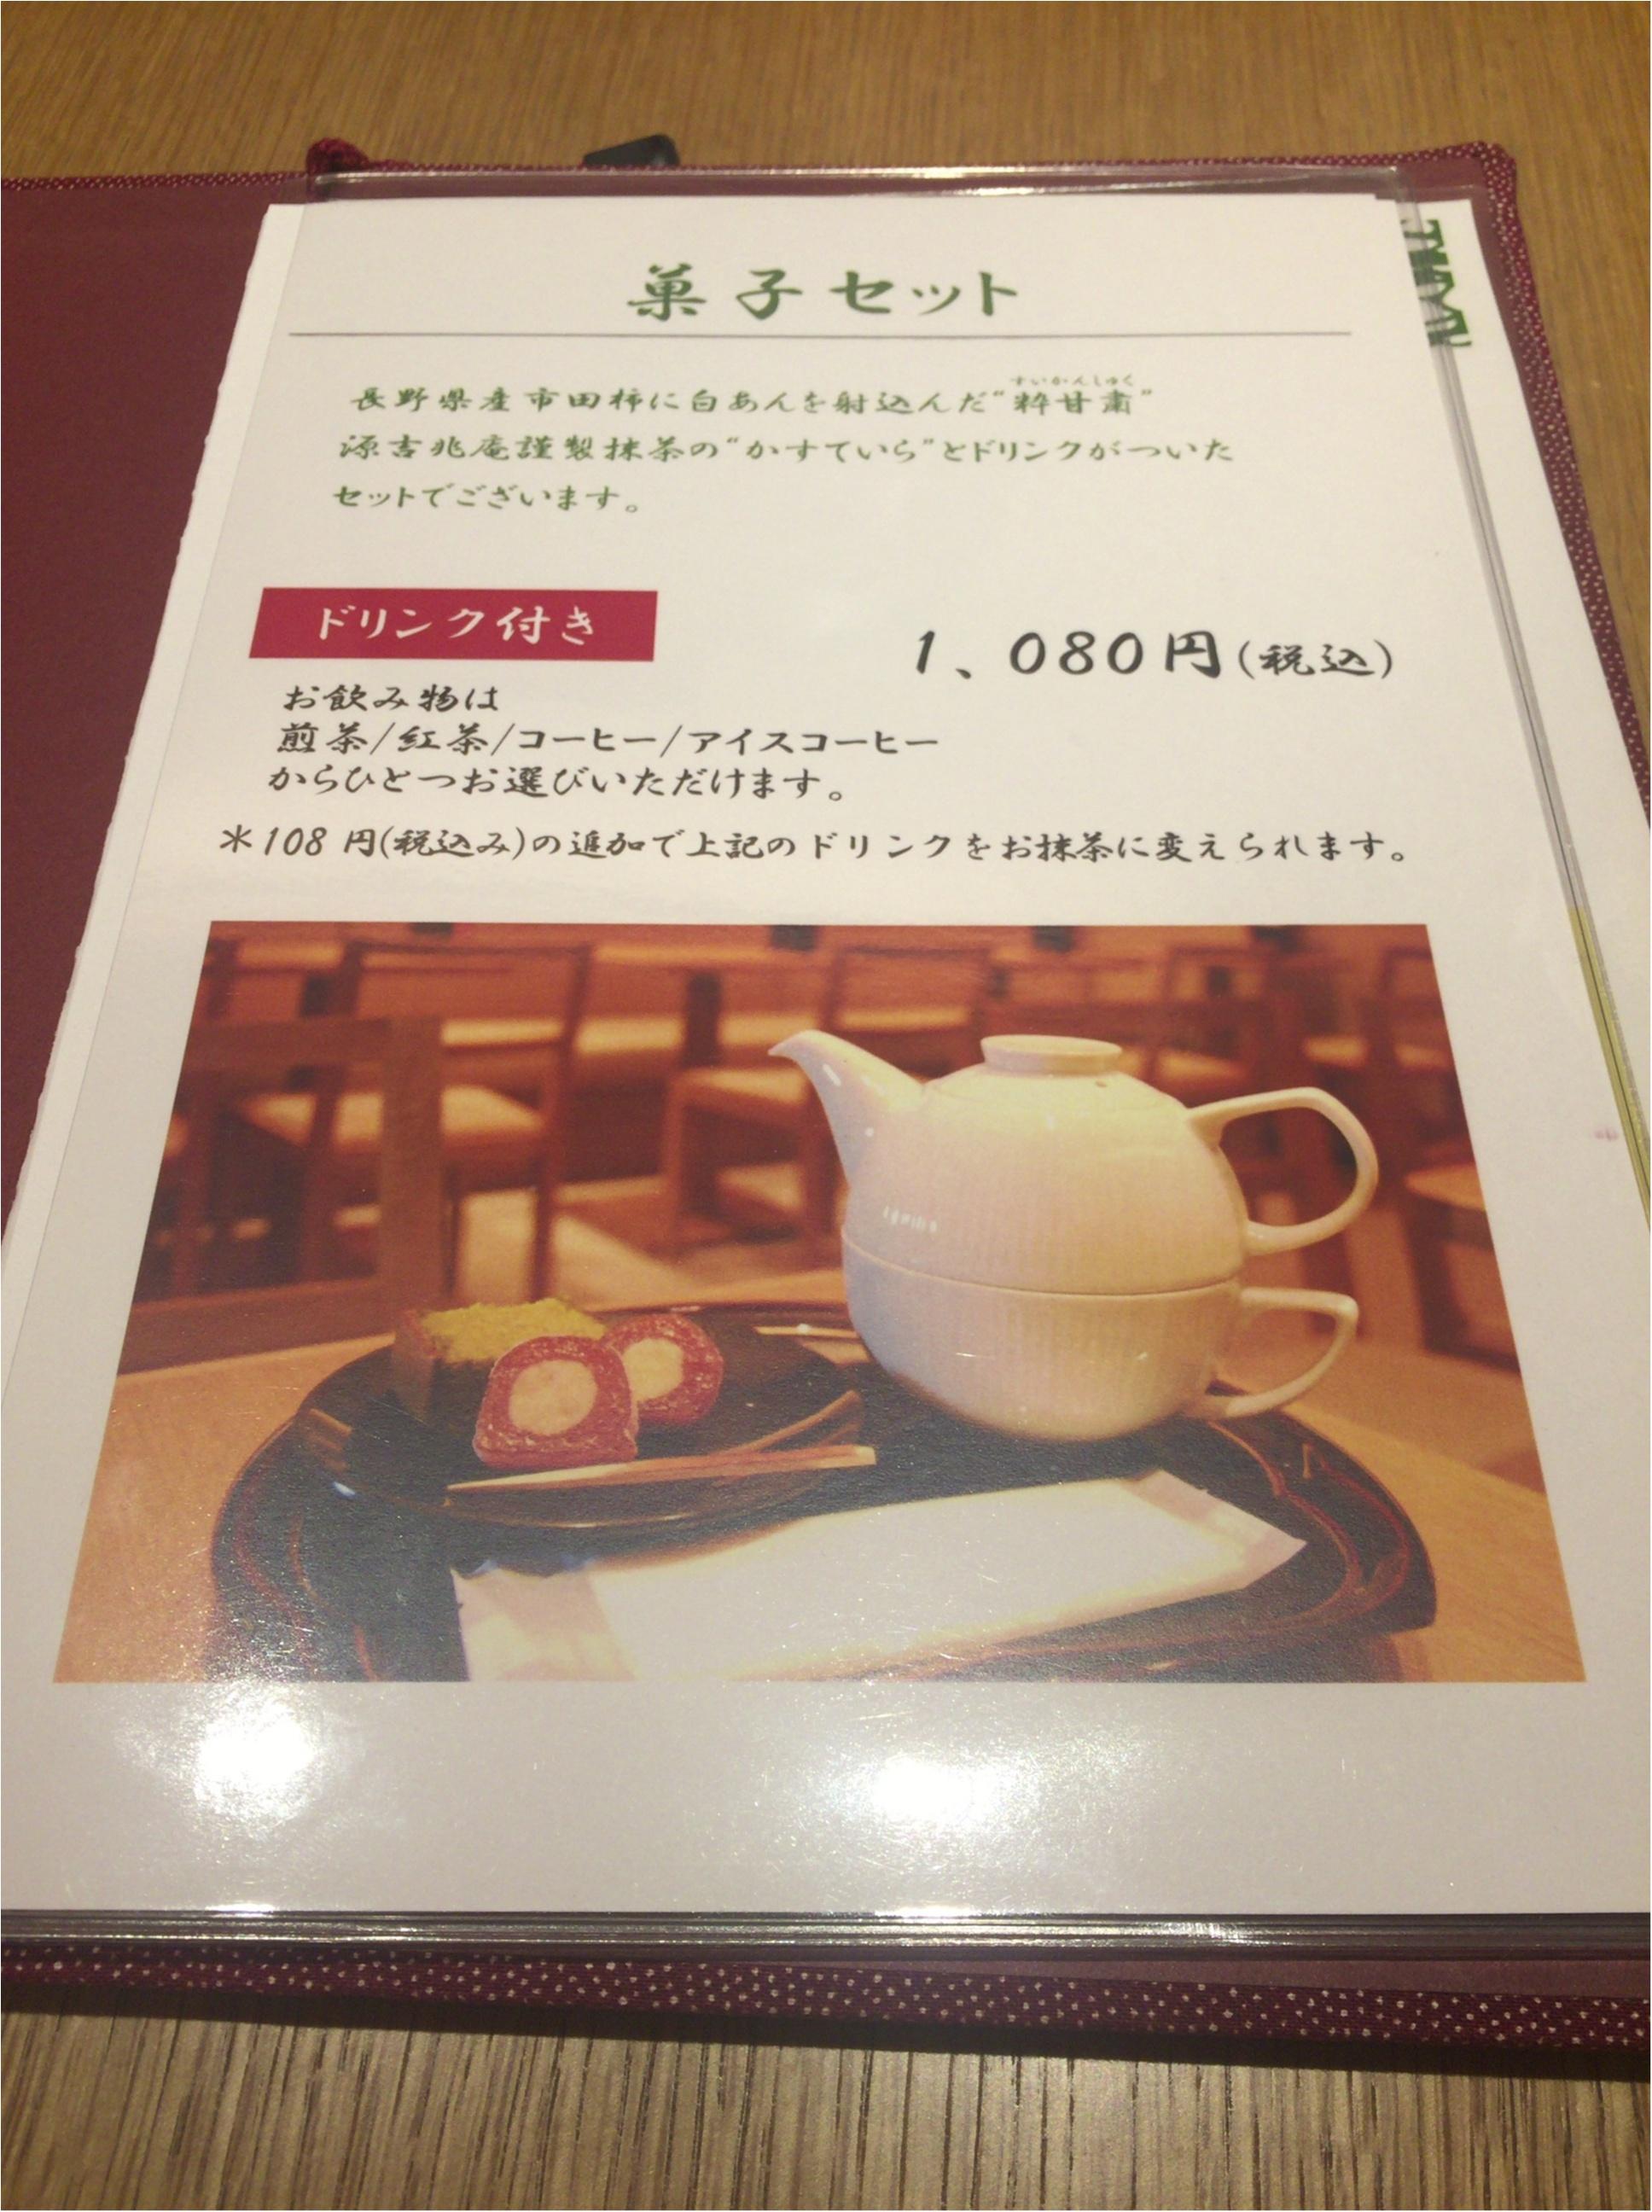 【銀座】和菓子屋「源 吉兆庵」の茶寮があるって知ってる?抹茶ぜんざい♡≪samenyan≫_8